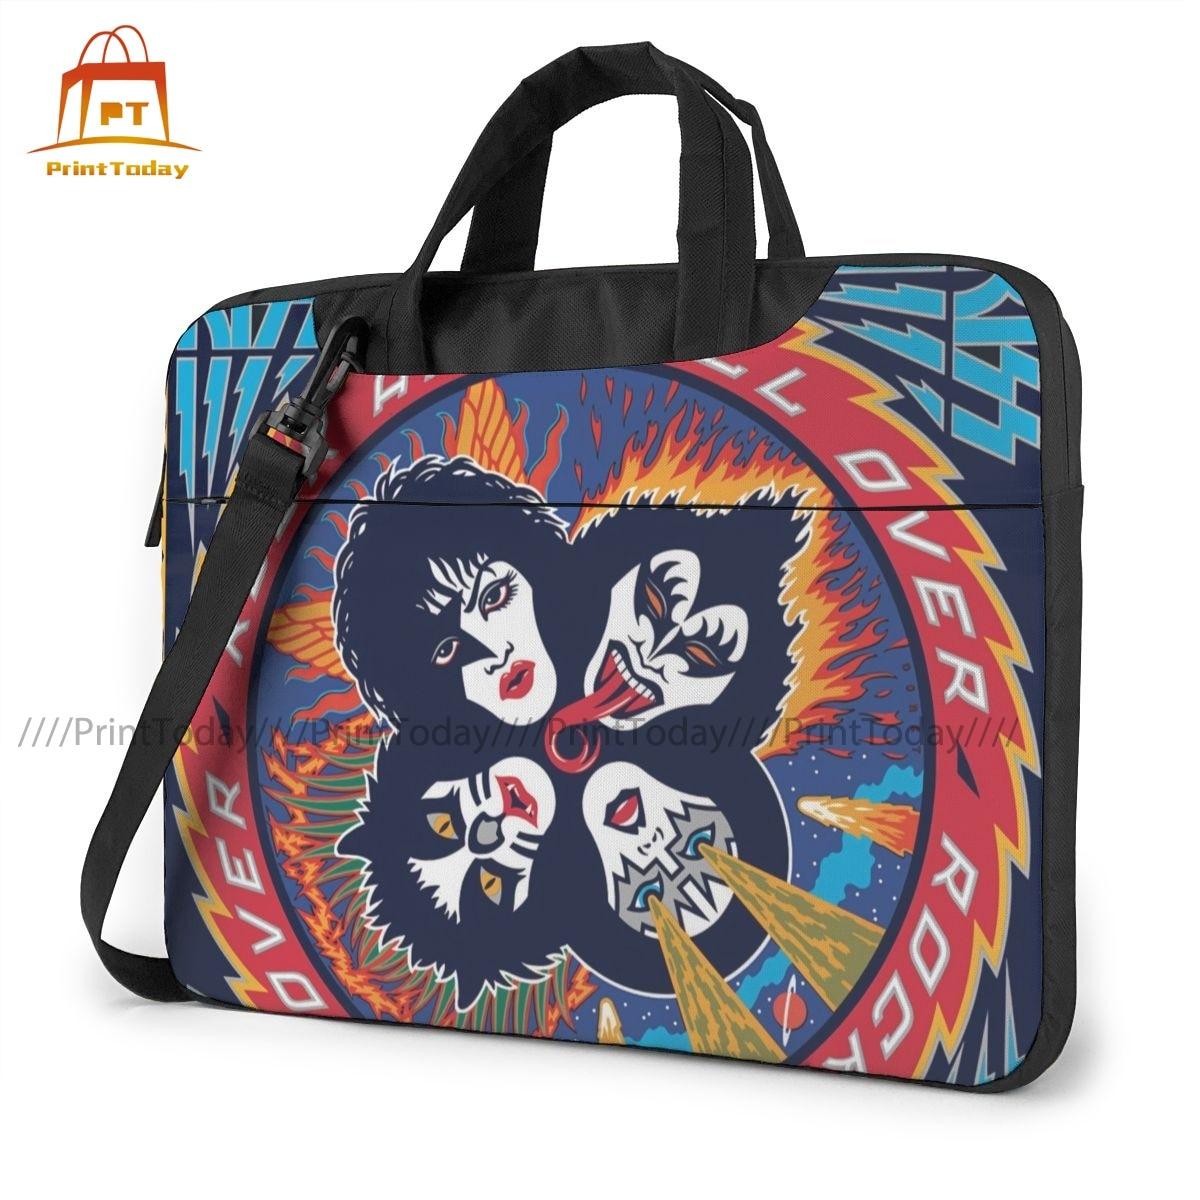 قبلة الفرقة حقيبة لابتوب حقيبة مخلب واقية حقيبة حاسوب الحقيبة أنيق السفر المحمول